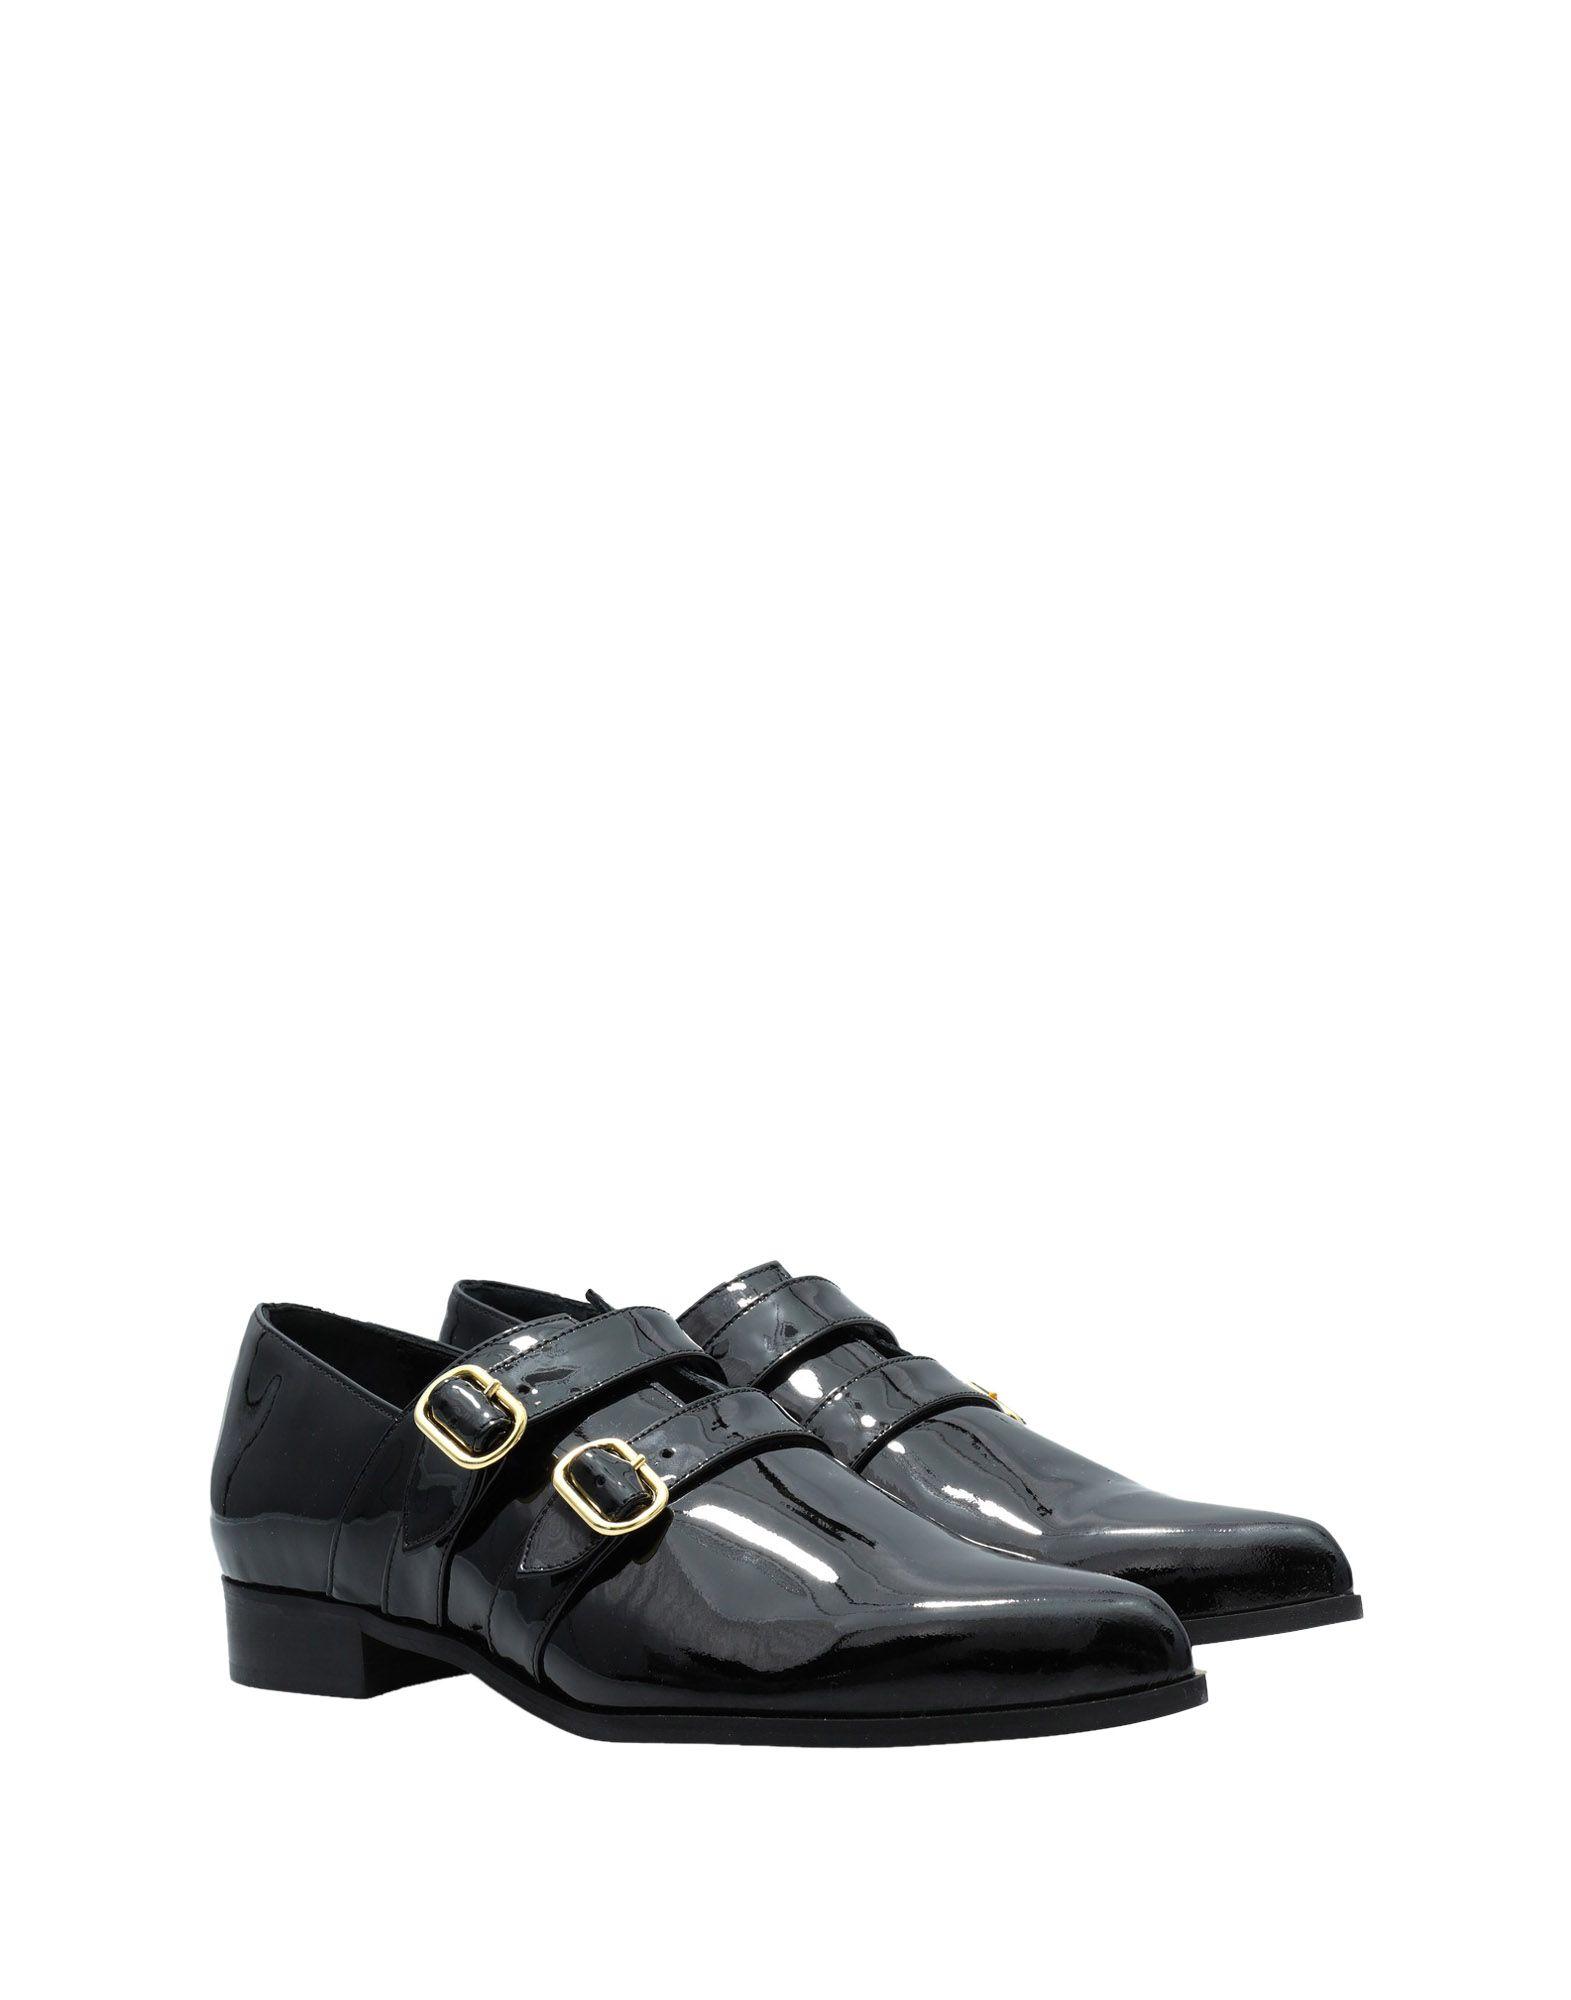 Stilvolle billige Schuhe Jolie By Edward Spiers Mokassins Damen  11526641II